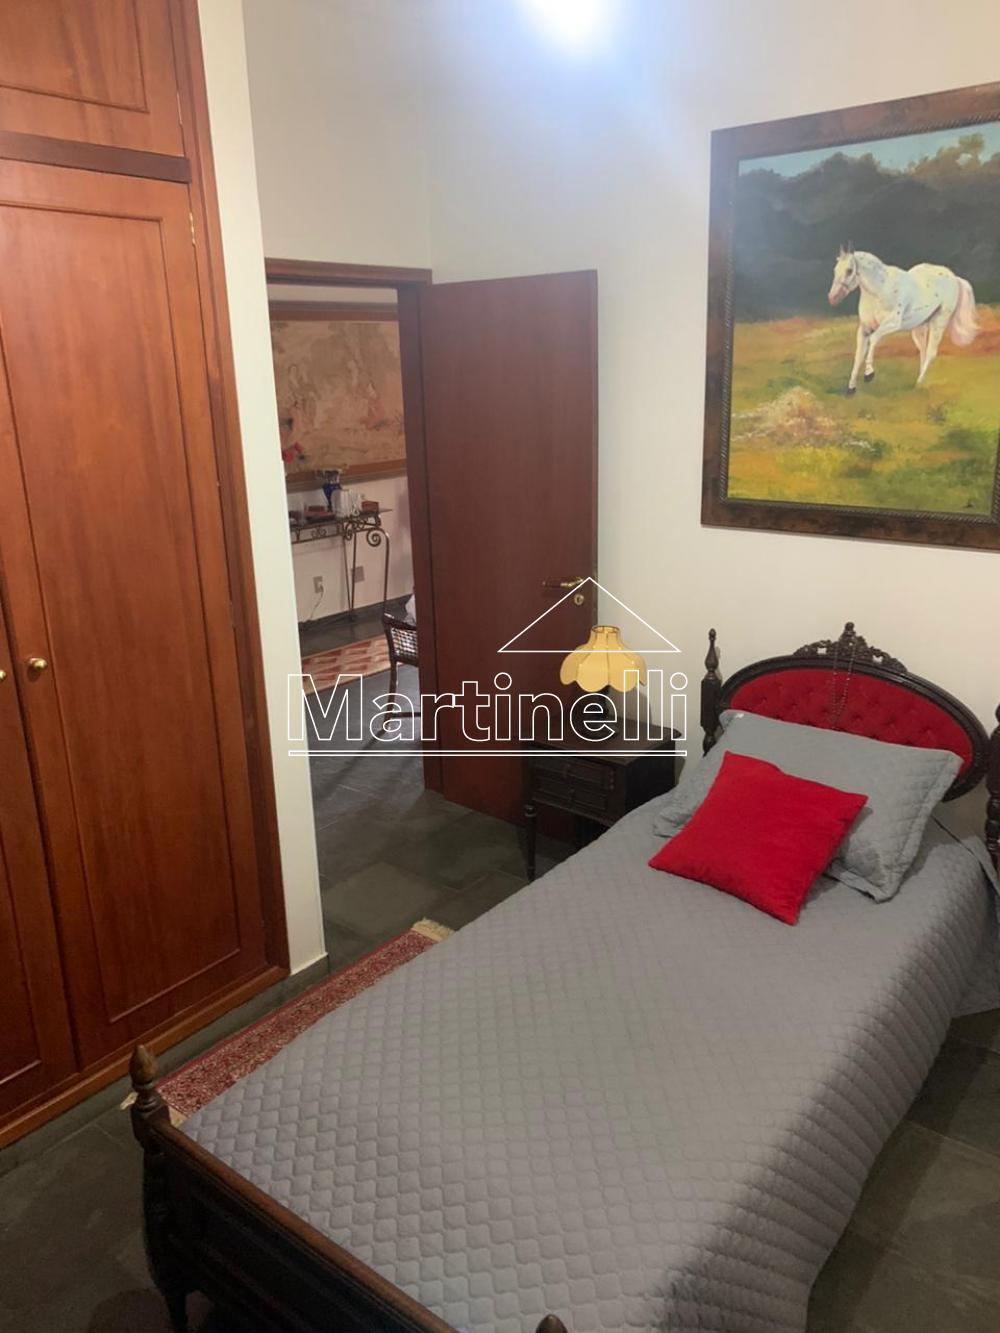 Comprar Casa / Padrão em Ribeirão Preto apenas R$ 900.000,00 - Foto 25